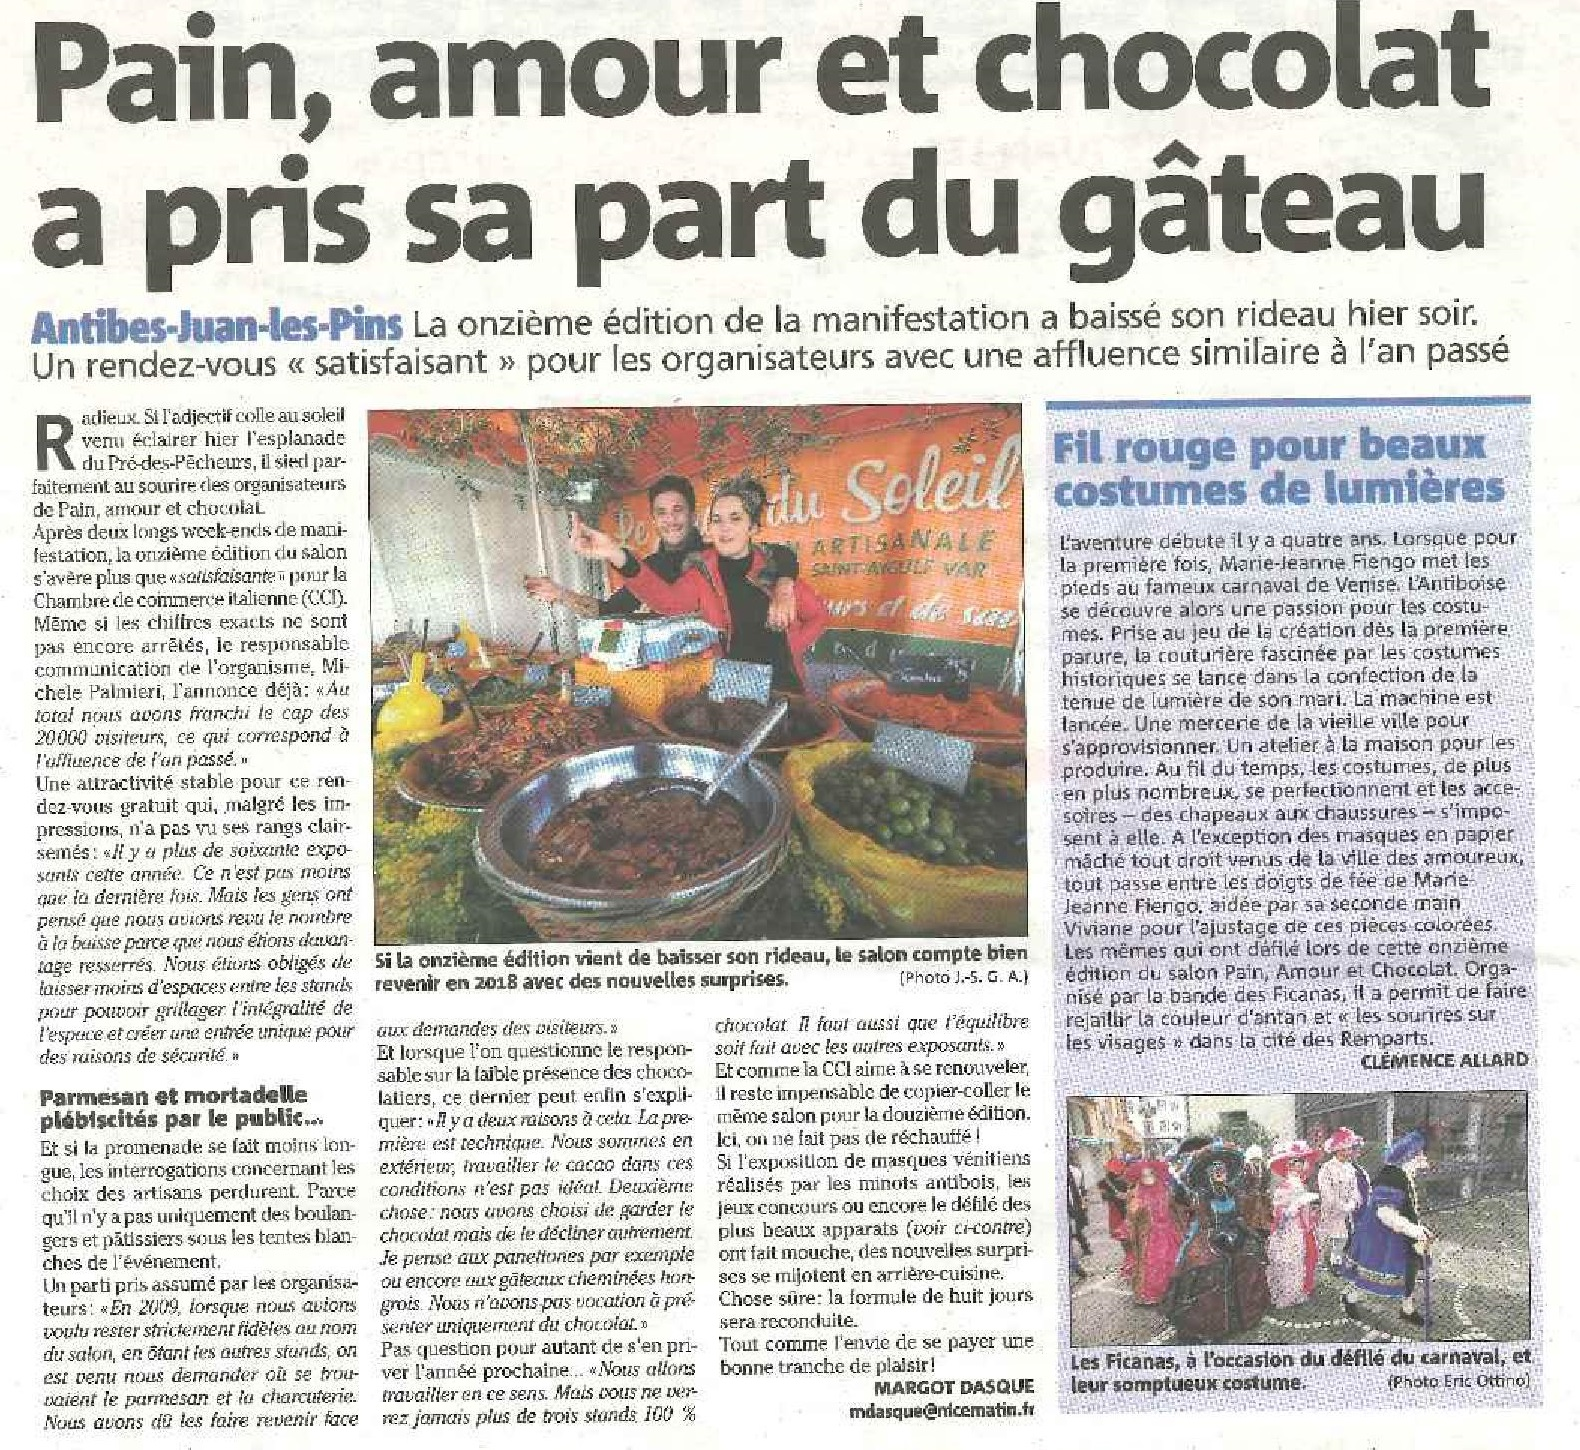 Pain, amour et chocolat a pris sa part du gâteau